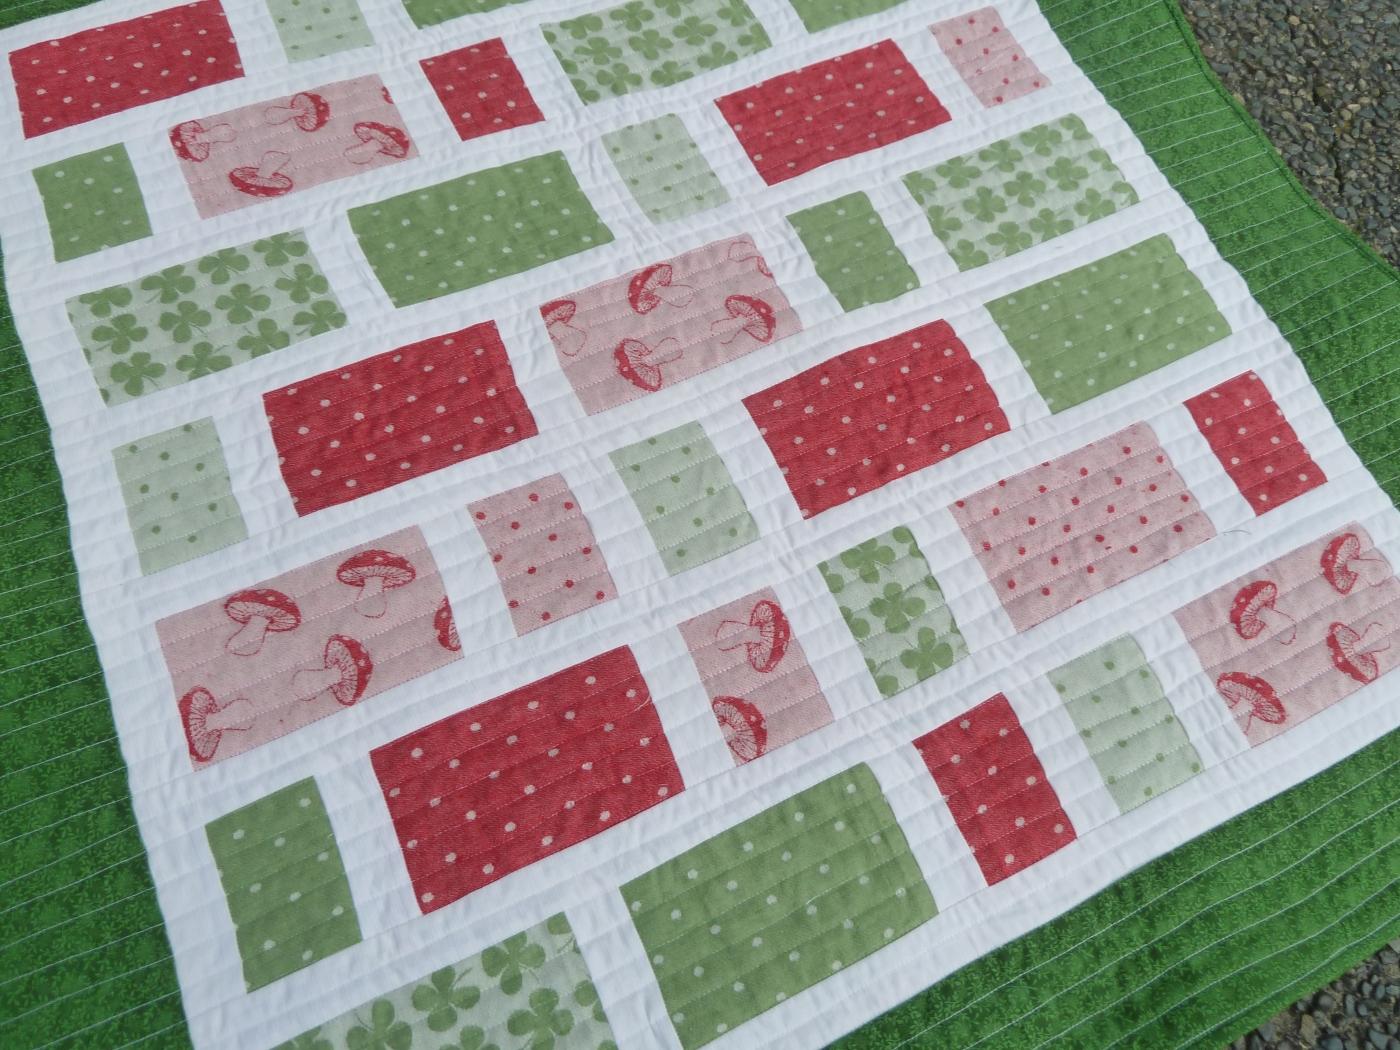 Wrap scrap quilt